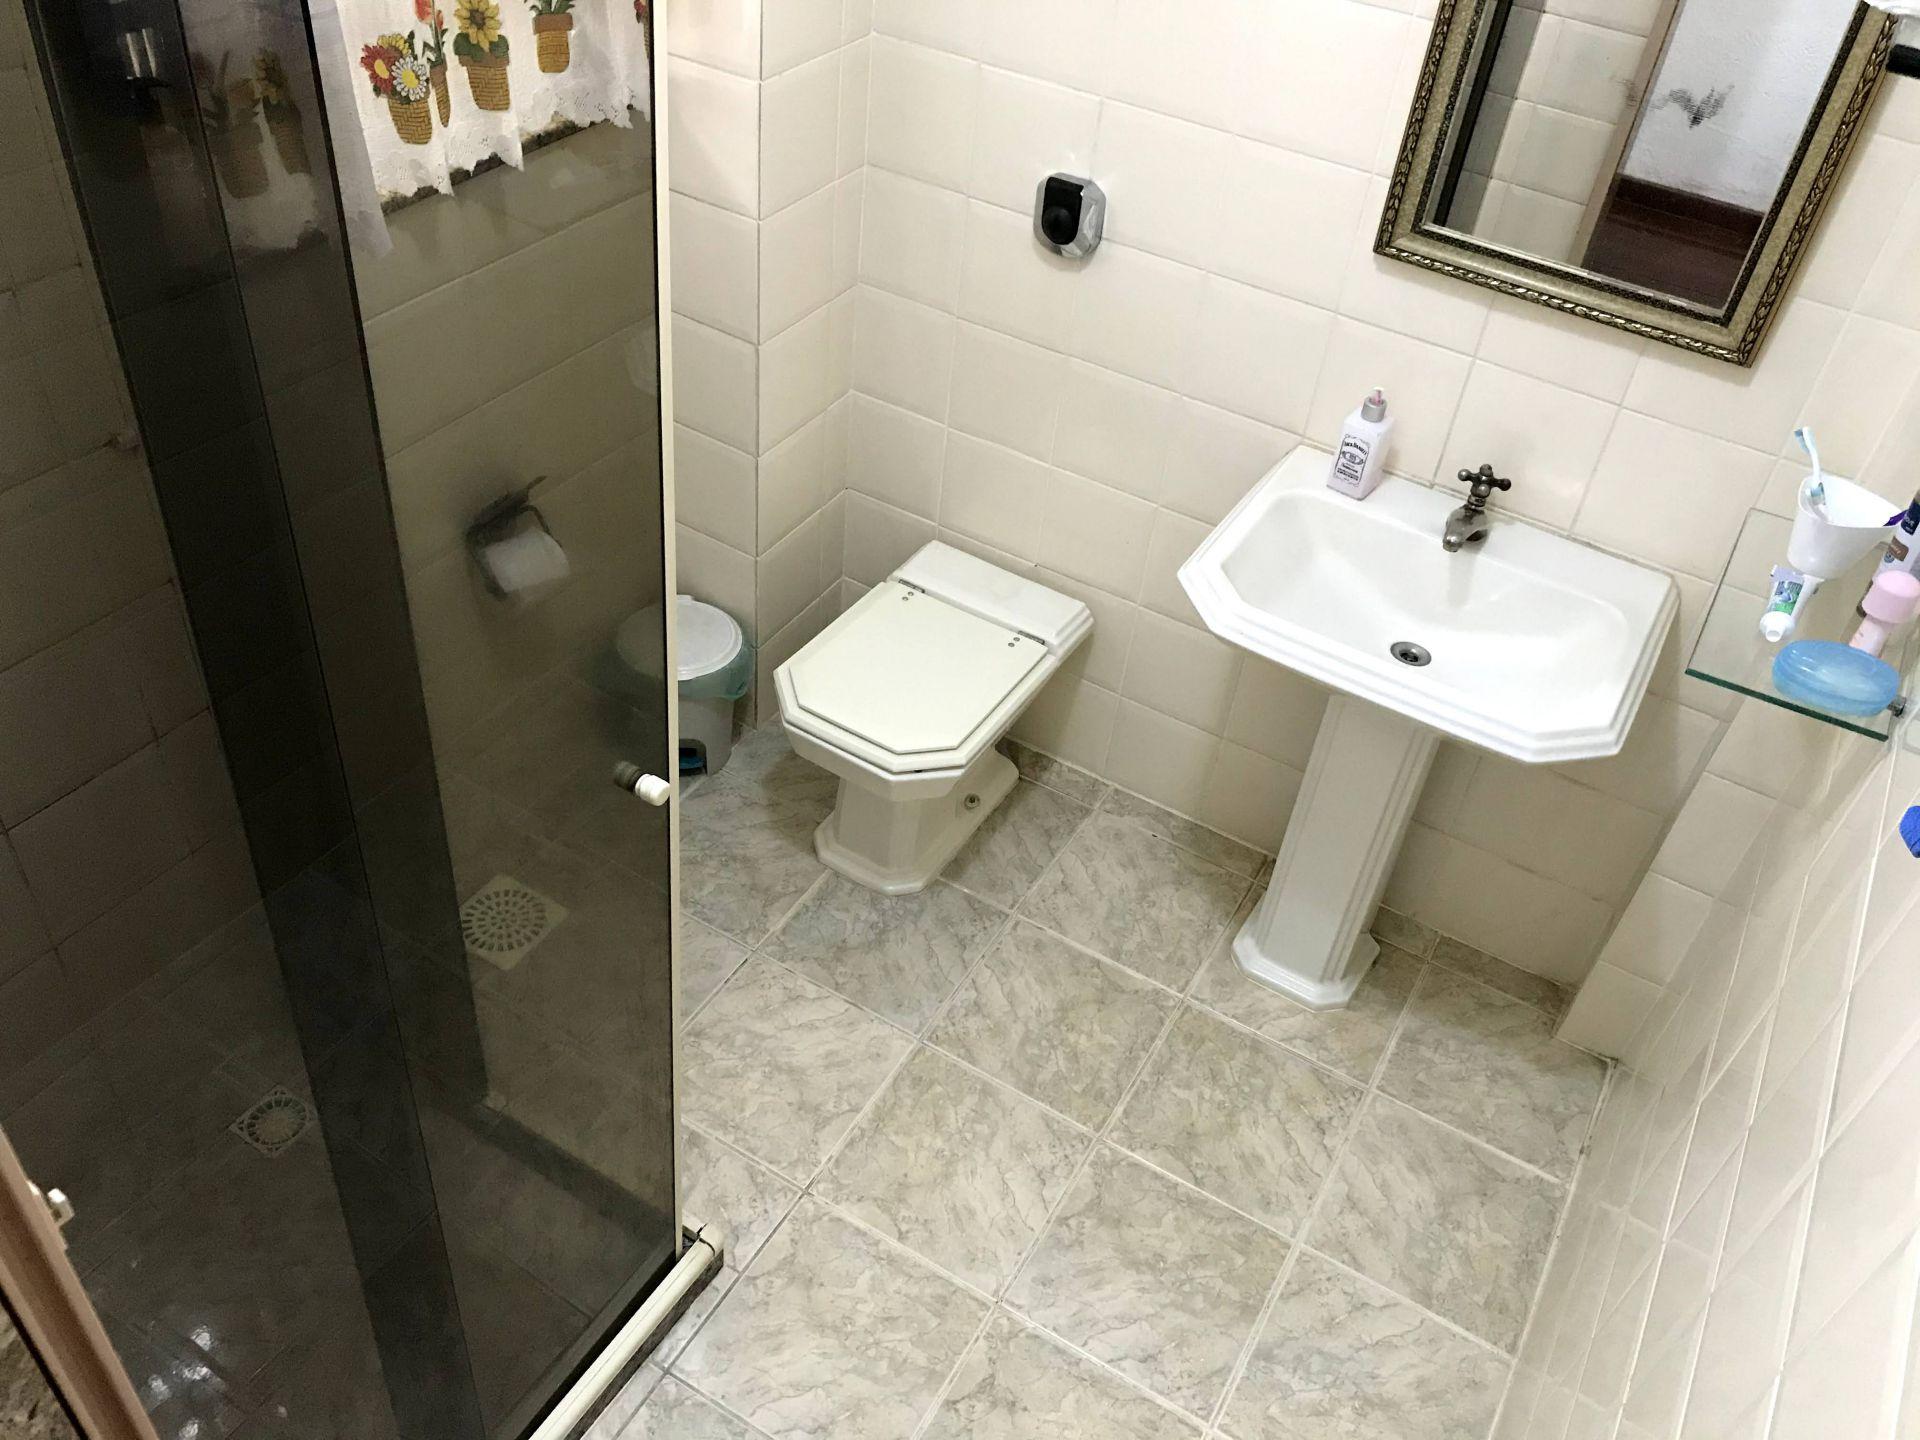 FOTO 6 - Apartamento à venda Avenida Marechal Fontenele,Jardim Sulacap, Rio de Janeiro - R$ 225.000 - RF168 - 7